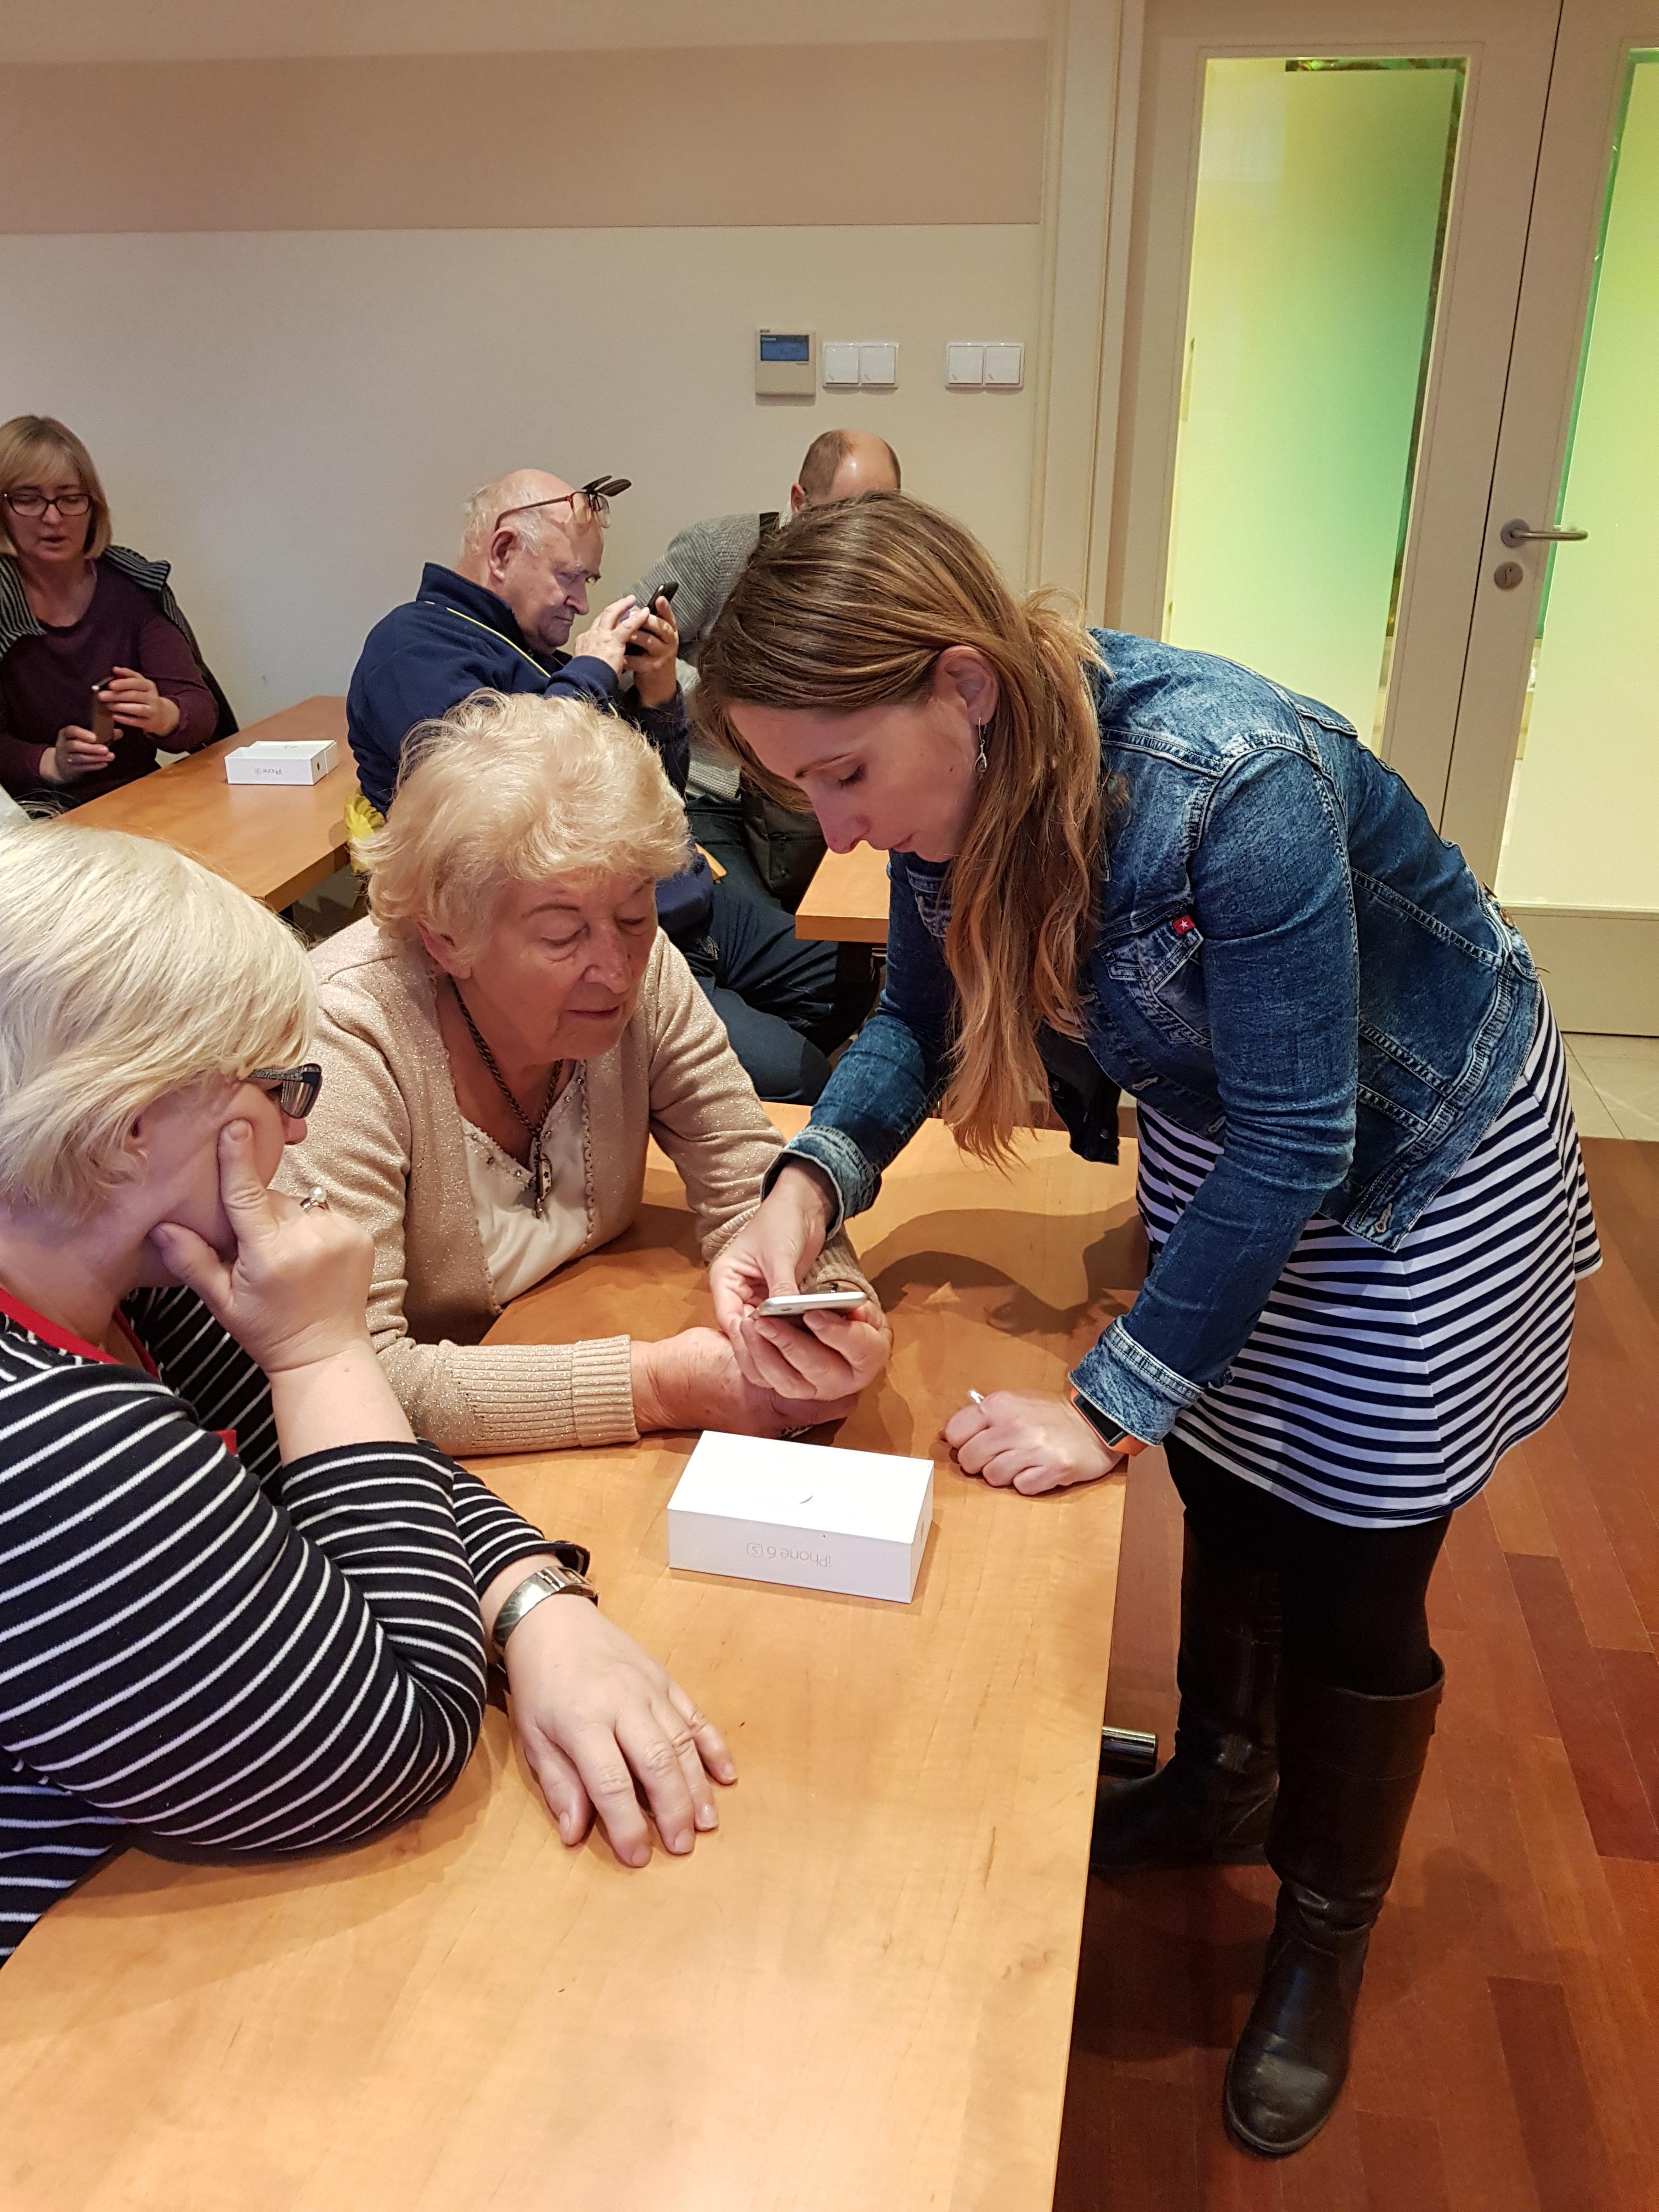 Dwie panie w starszym wieku, obie blondynki w krótszych włosach, siedzące przy stole, jedna z nich trzyma w ręku iPhone, a stojąca przy nich instruktorka wodzi jej palcem po ekranie urządzenia